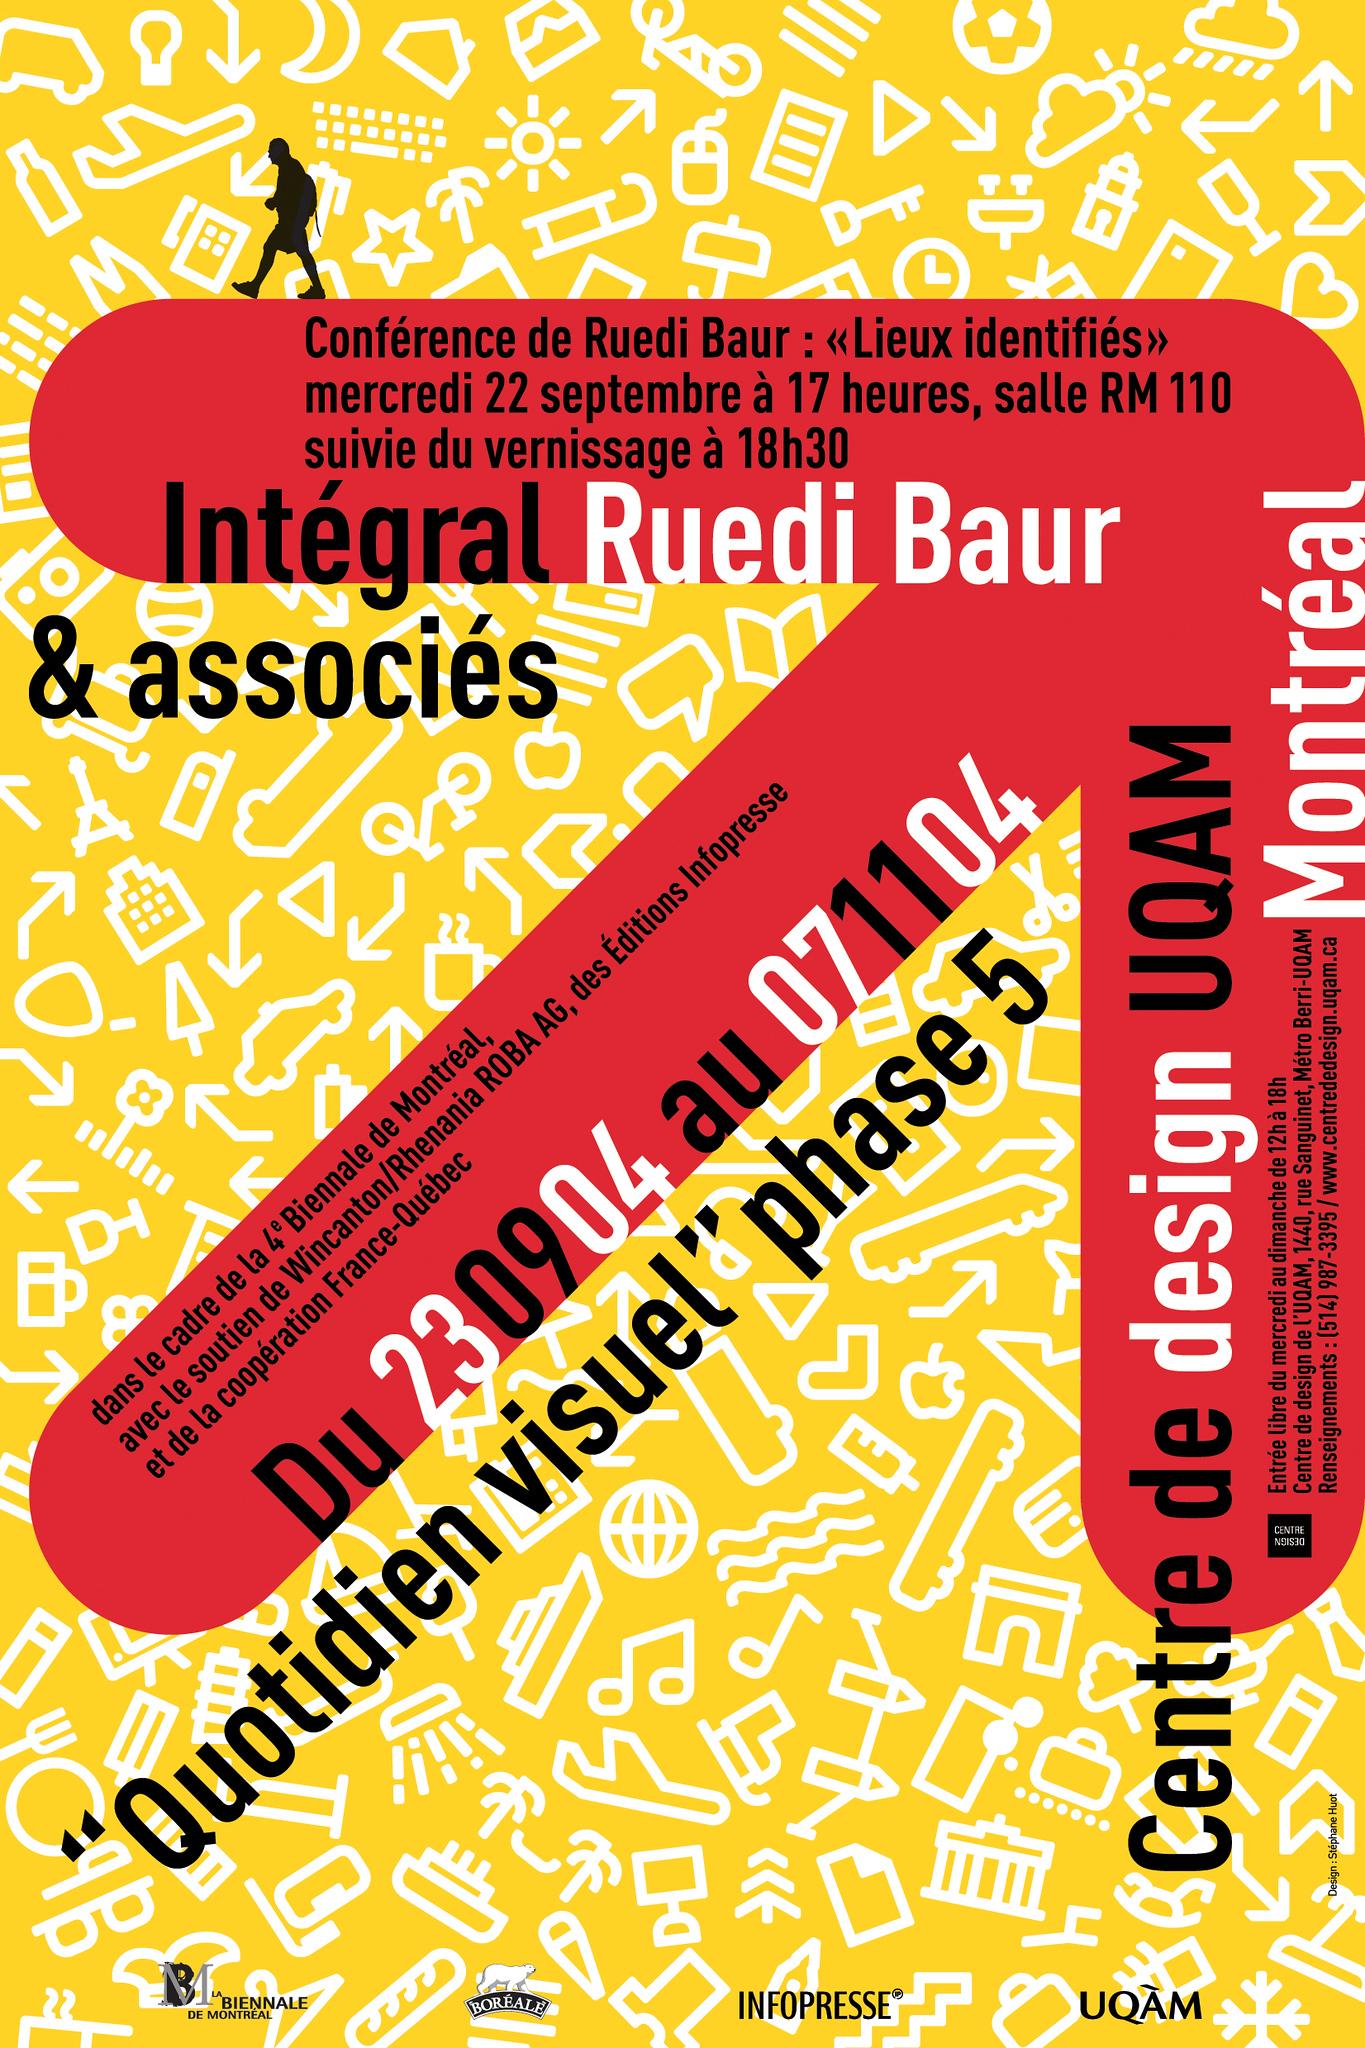 2004 - Exposition - Intégral Ruedi Baur & associés Quotidien visuel phase 5 ©Stéphane Huot